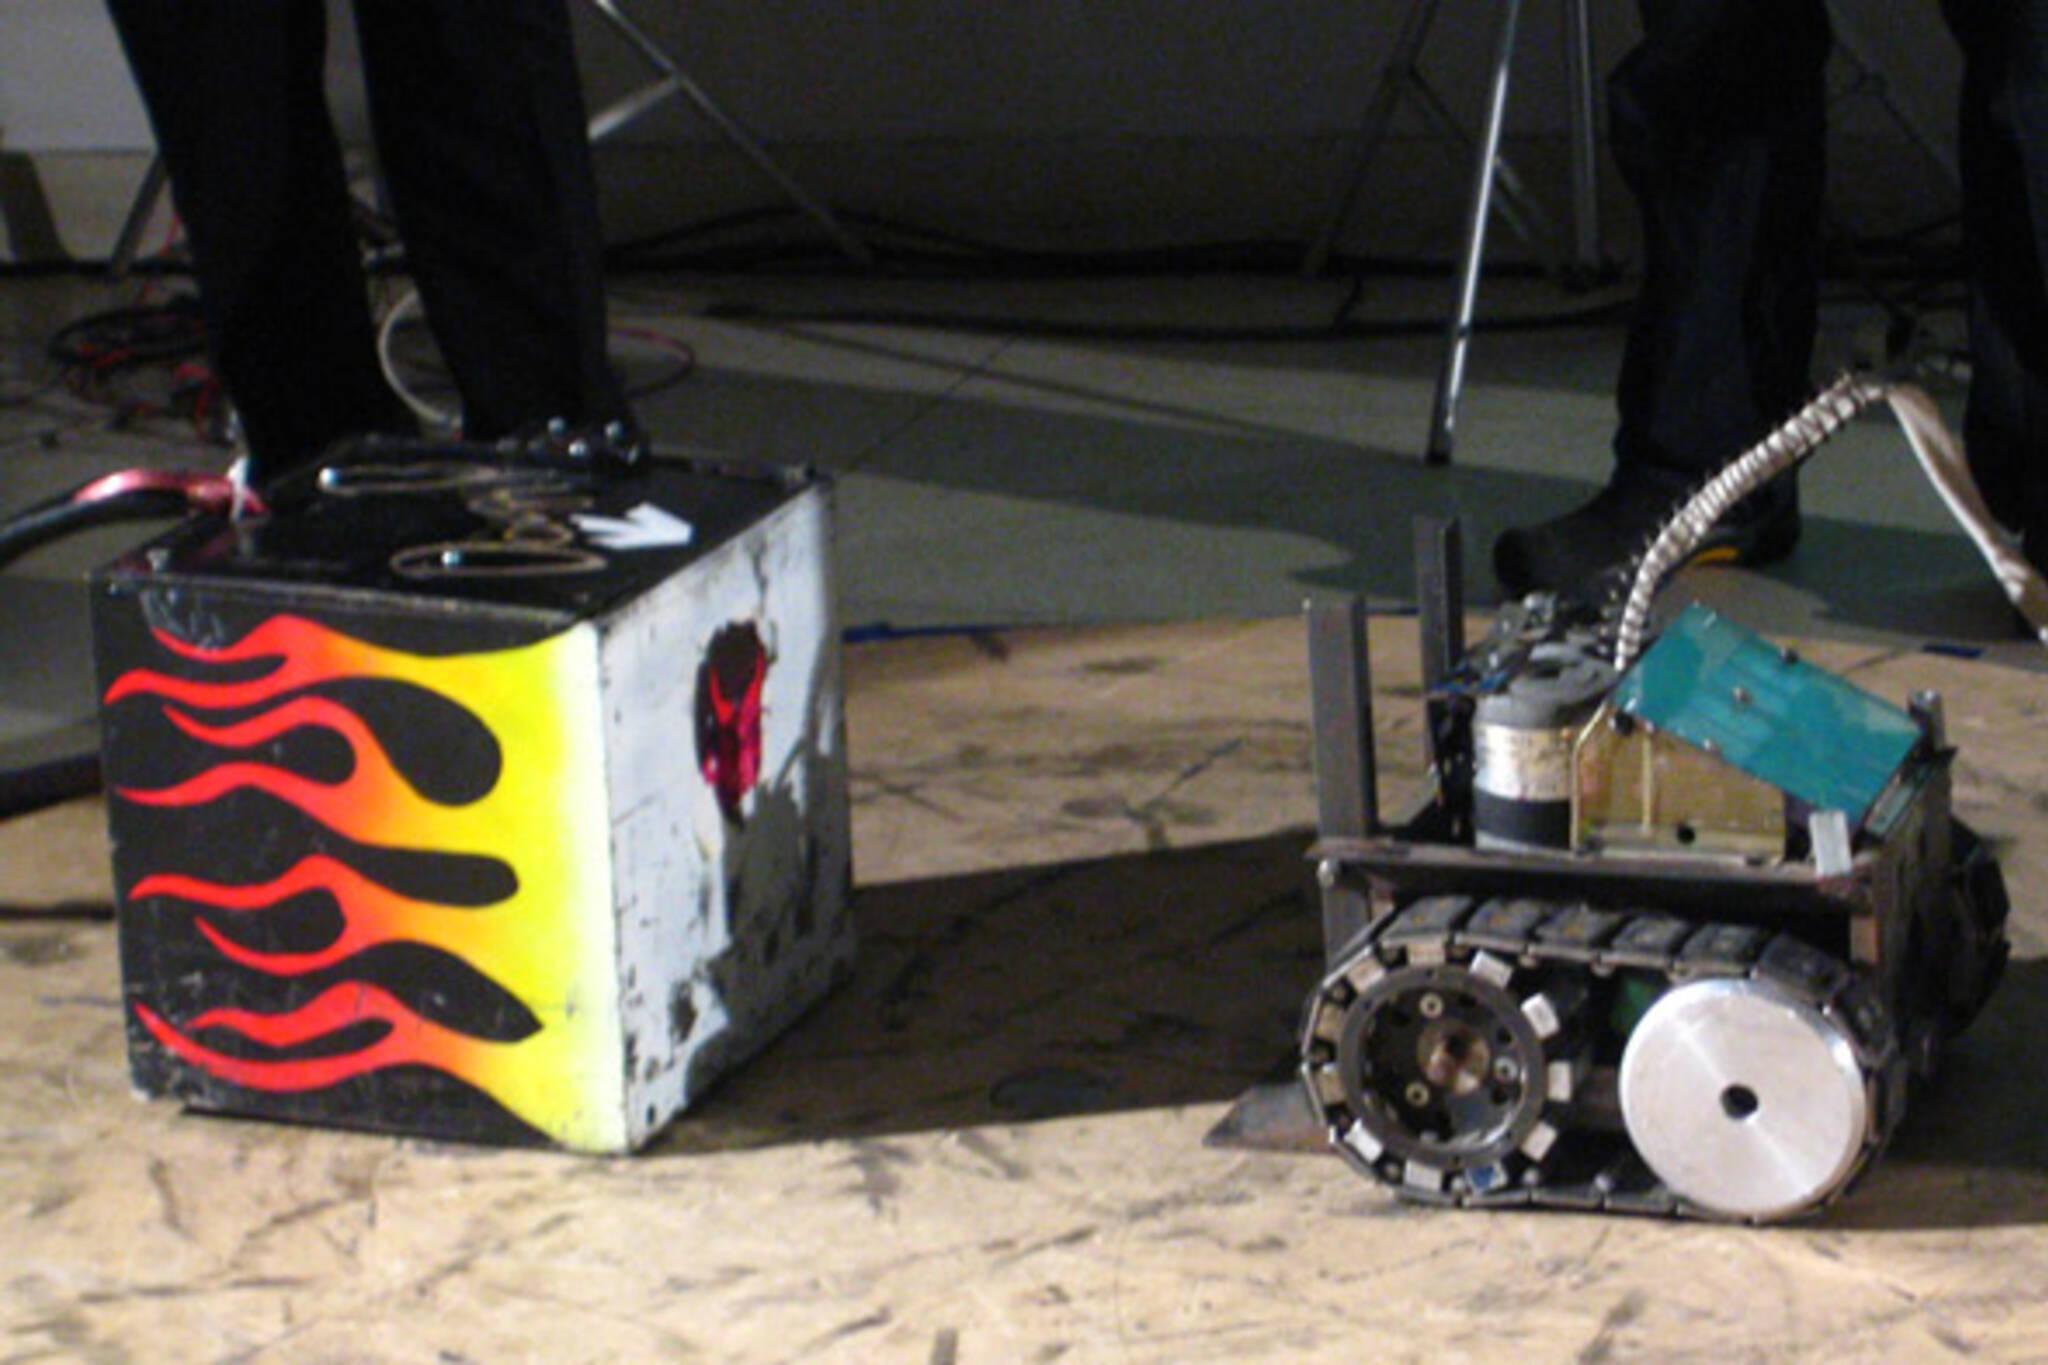 sumo robot challenge ocad 2009